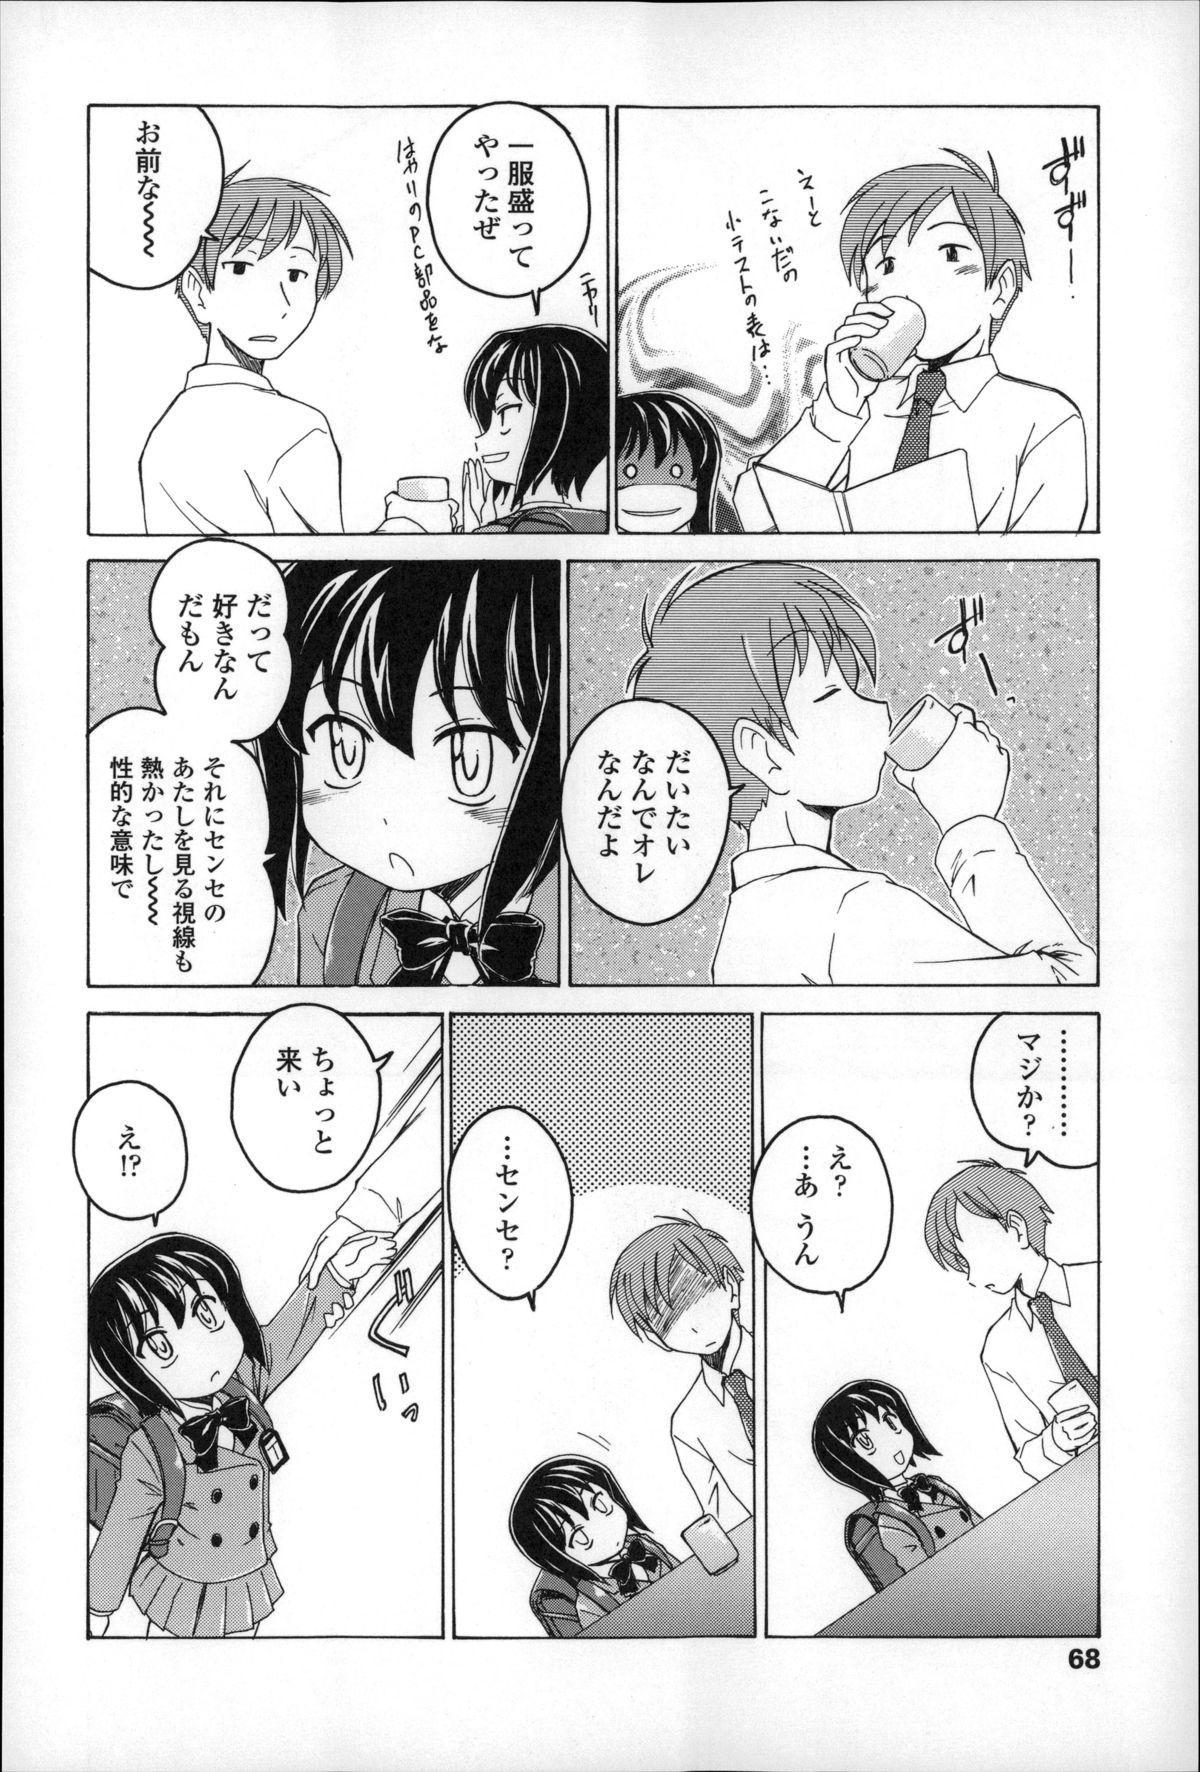 Youshou no Hana no Himitsu - The secret of Girls flowers 71